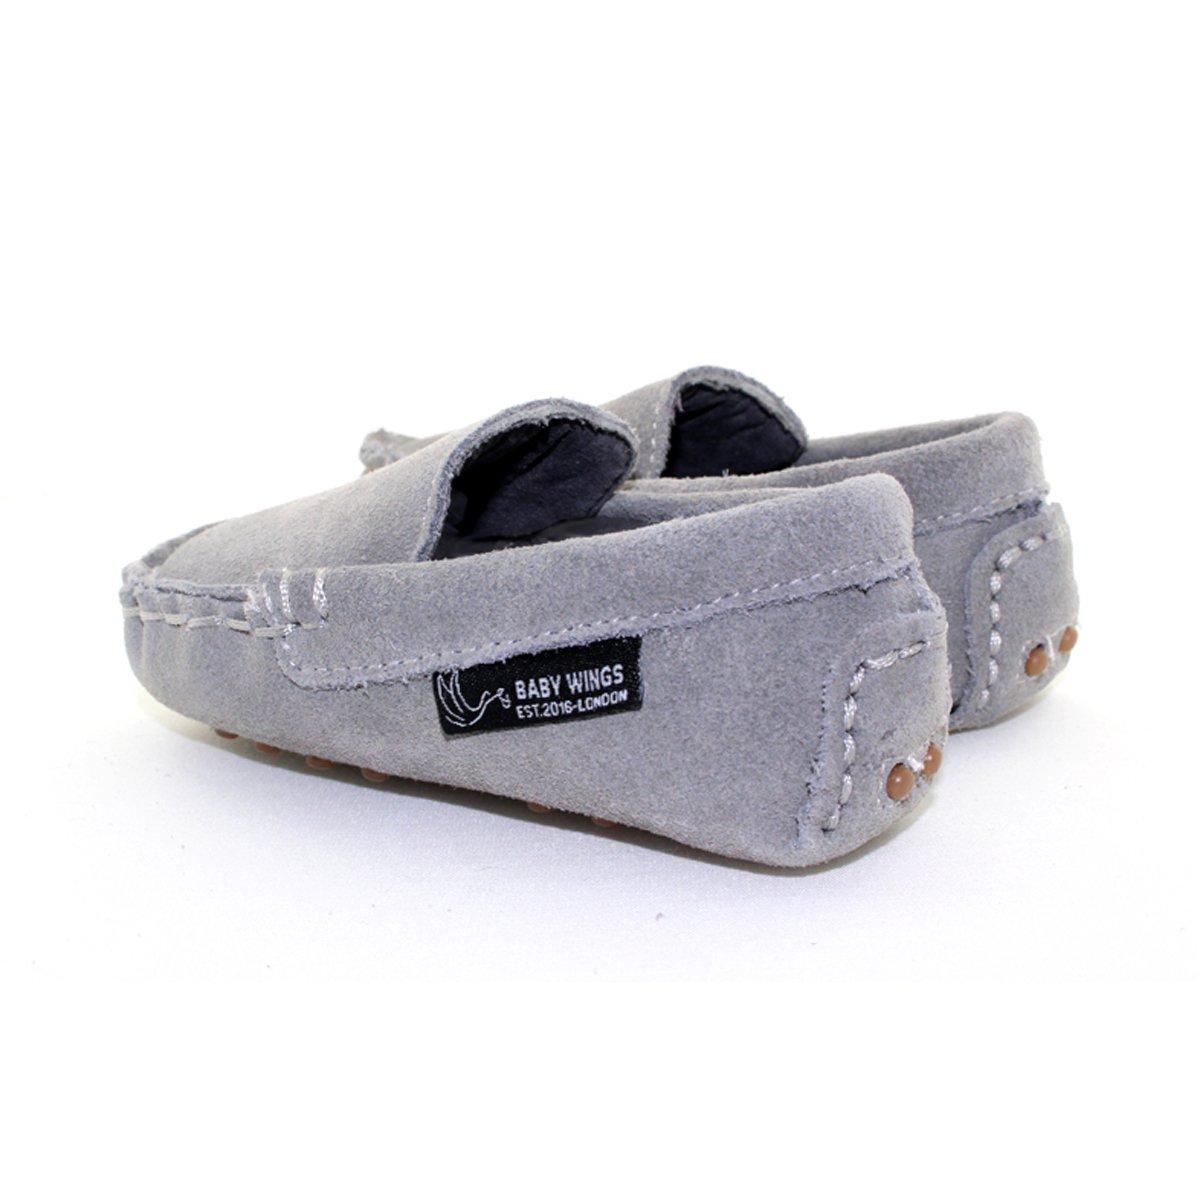 Mocasines zapatos bebe Unisex - Calidad Premium Piel organica 100 ...